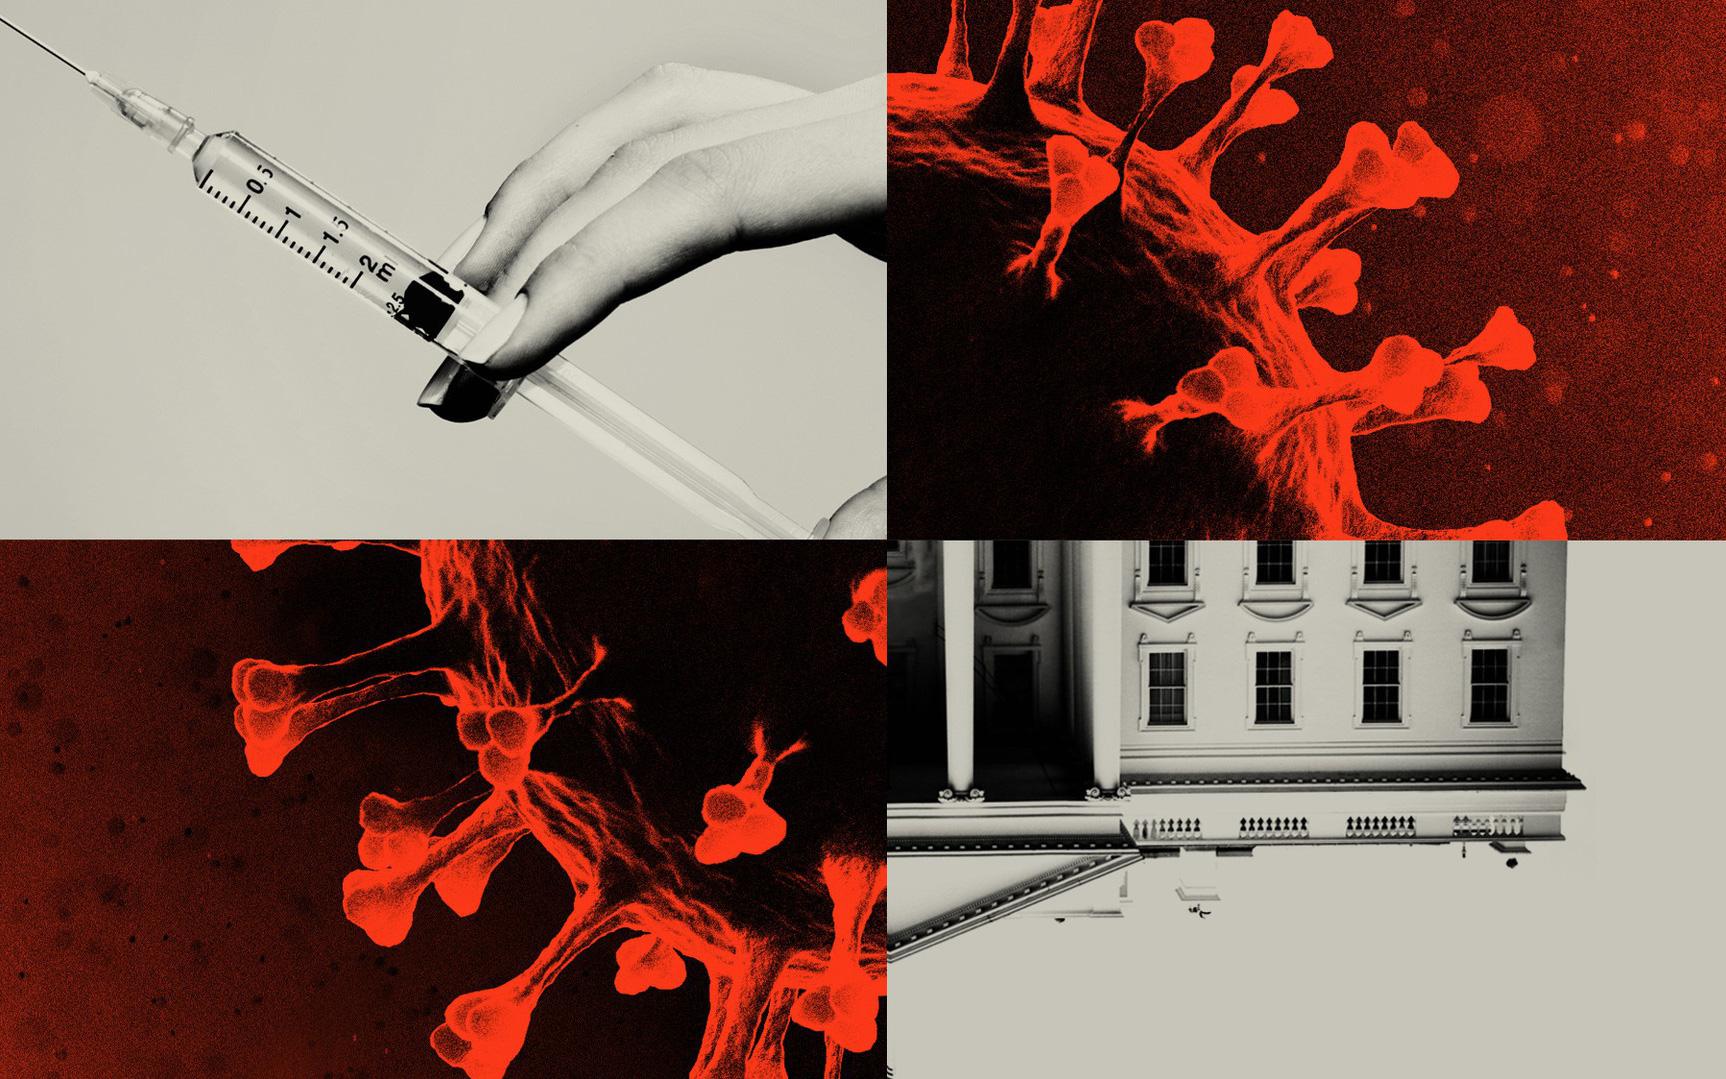 """""""Sẽ là một mùa đông Covid-19 kinh hoàng"""": Một đại dịch không thể đoán trước, nhưng gần 1 triệu người chết là con số biết nói"""